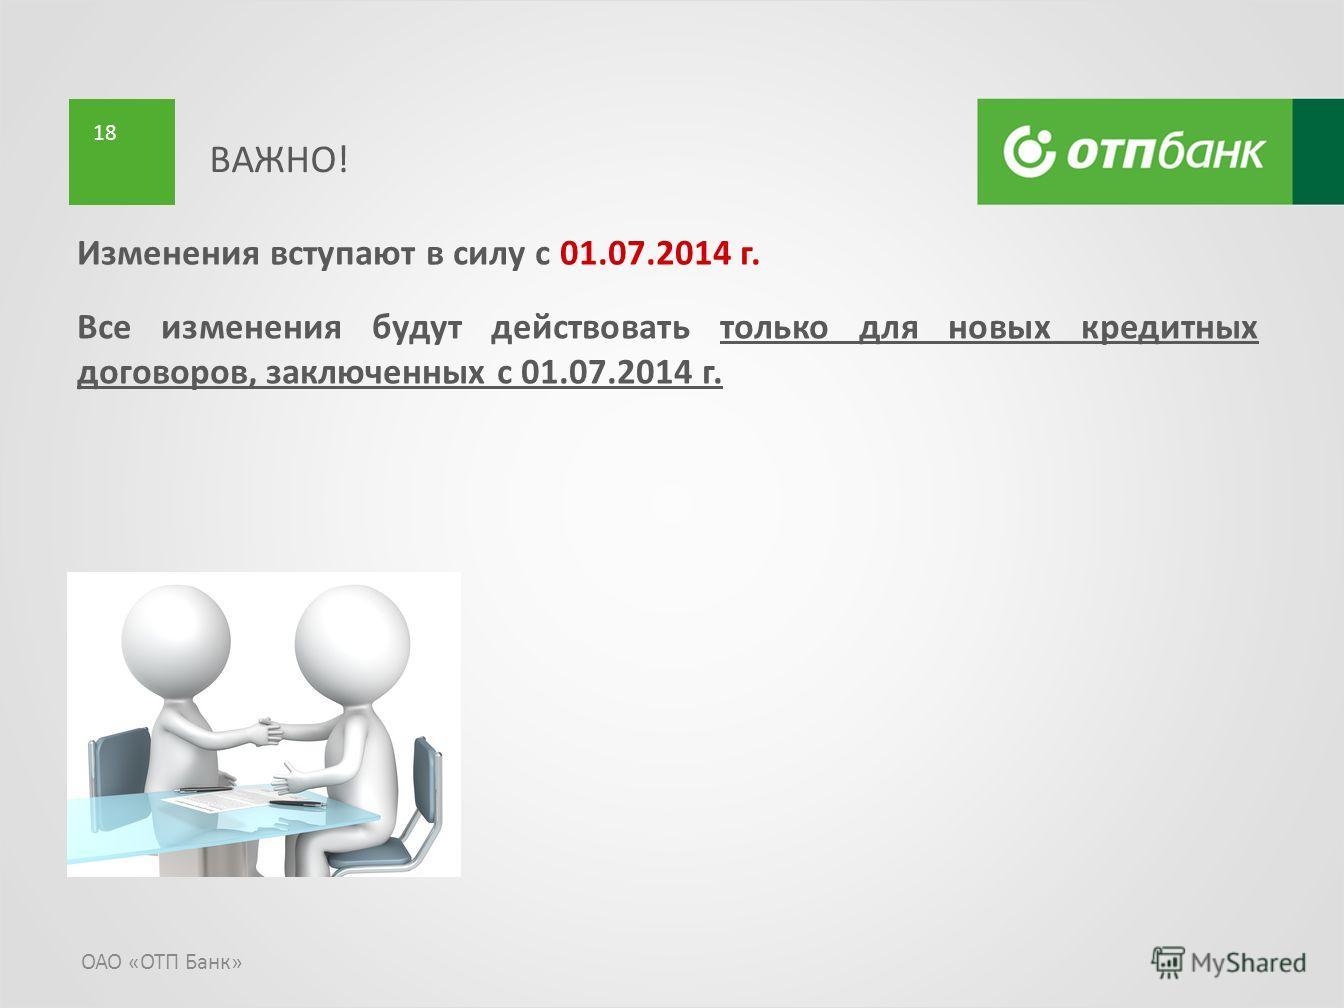 ОАО «ОТП Банк» 18 Изменения вступают в силу с 01.07.2014 г. Все изменения будут действовать только для новых кредитных договоров, заключенных с 01.07.2014 г. ВАЖНО!